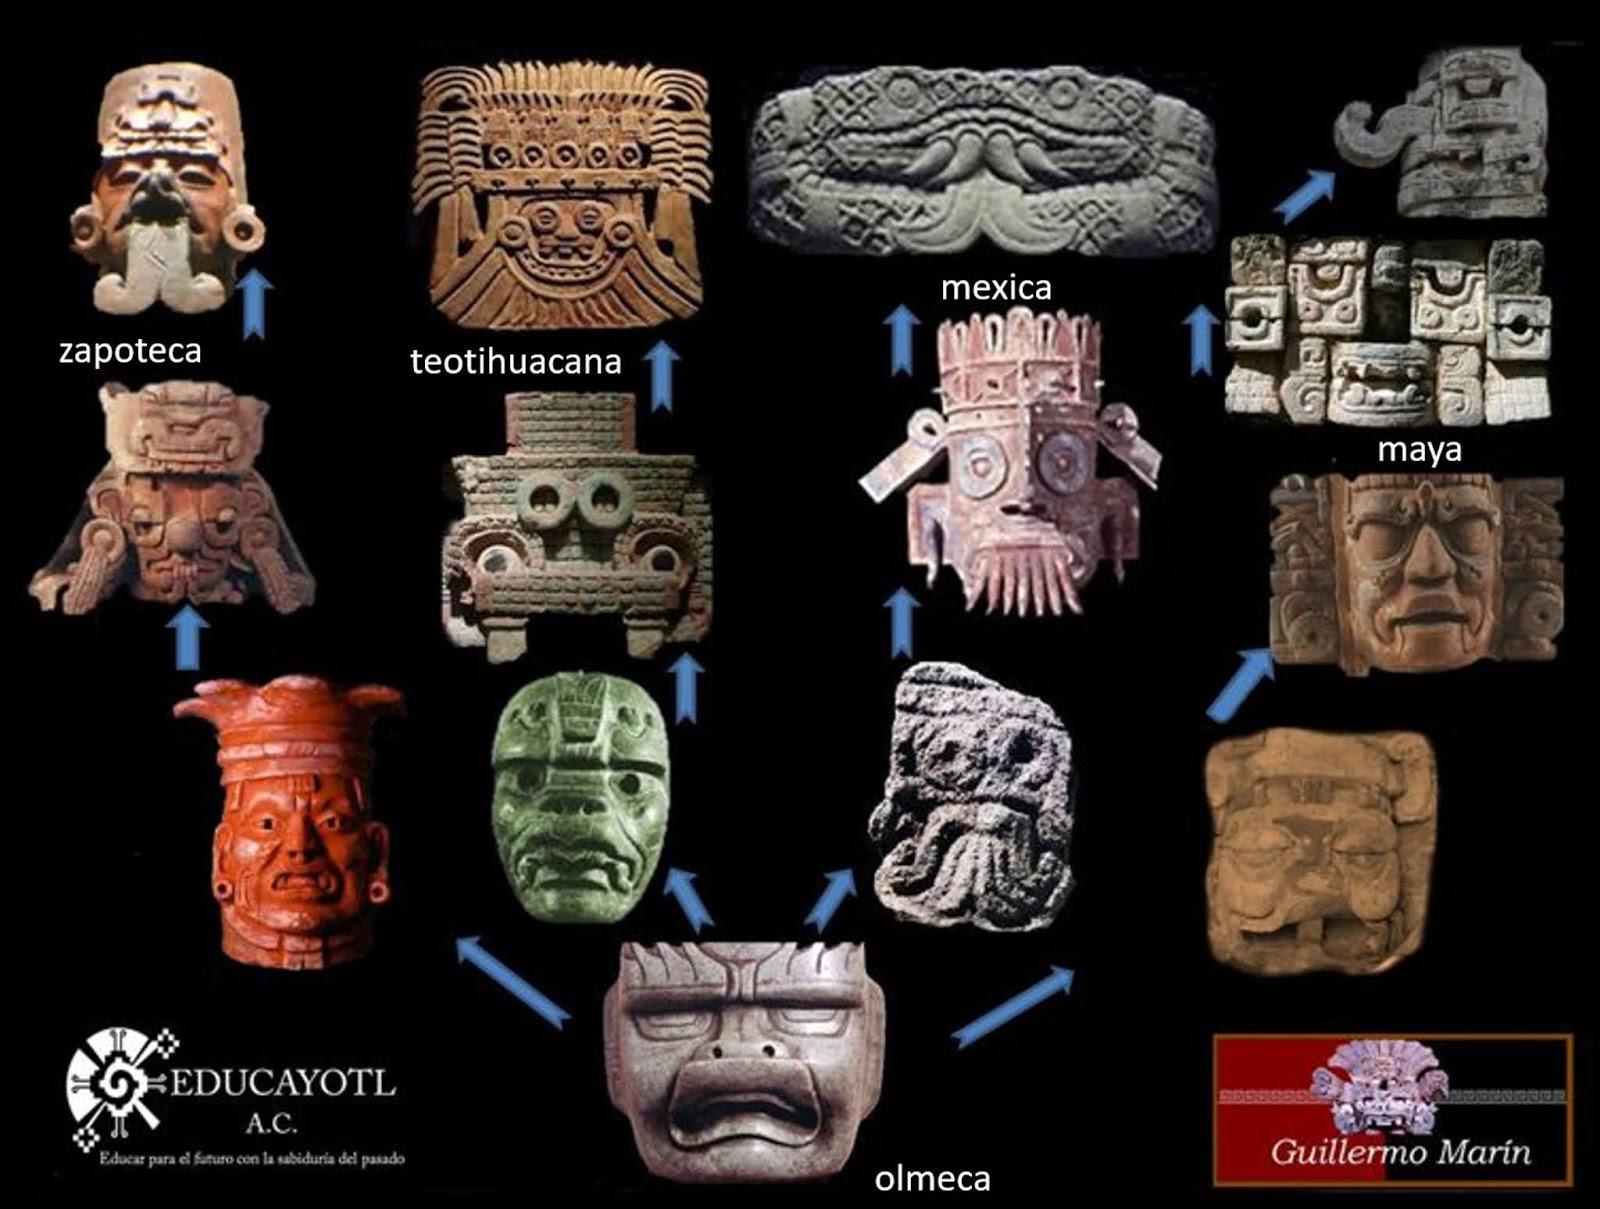 CURSO DE HISTORIA ANCESTRAL DE MÉXICO <br>por correo electrónico<br>Instructor Guillermo Marín